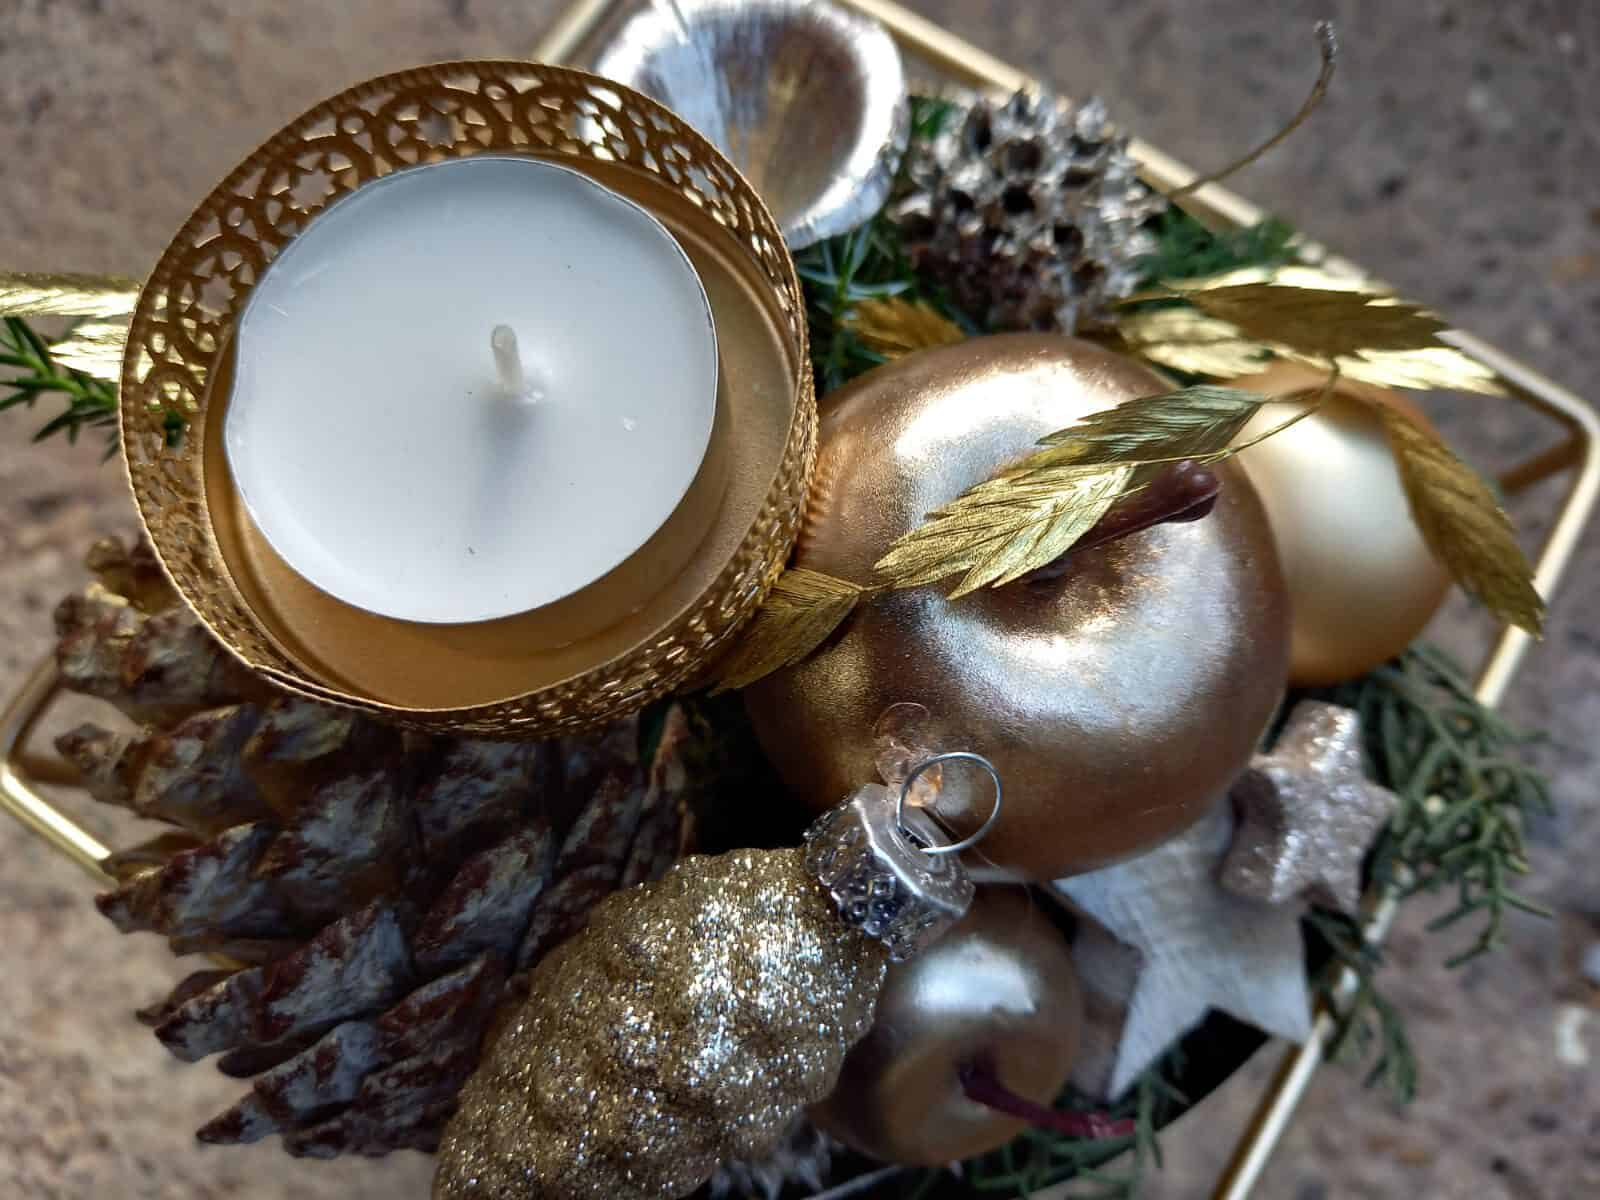 Blumen-Luz Altensteig Advent Weihnachten 2020 Corona